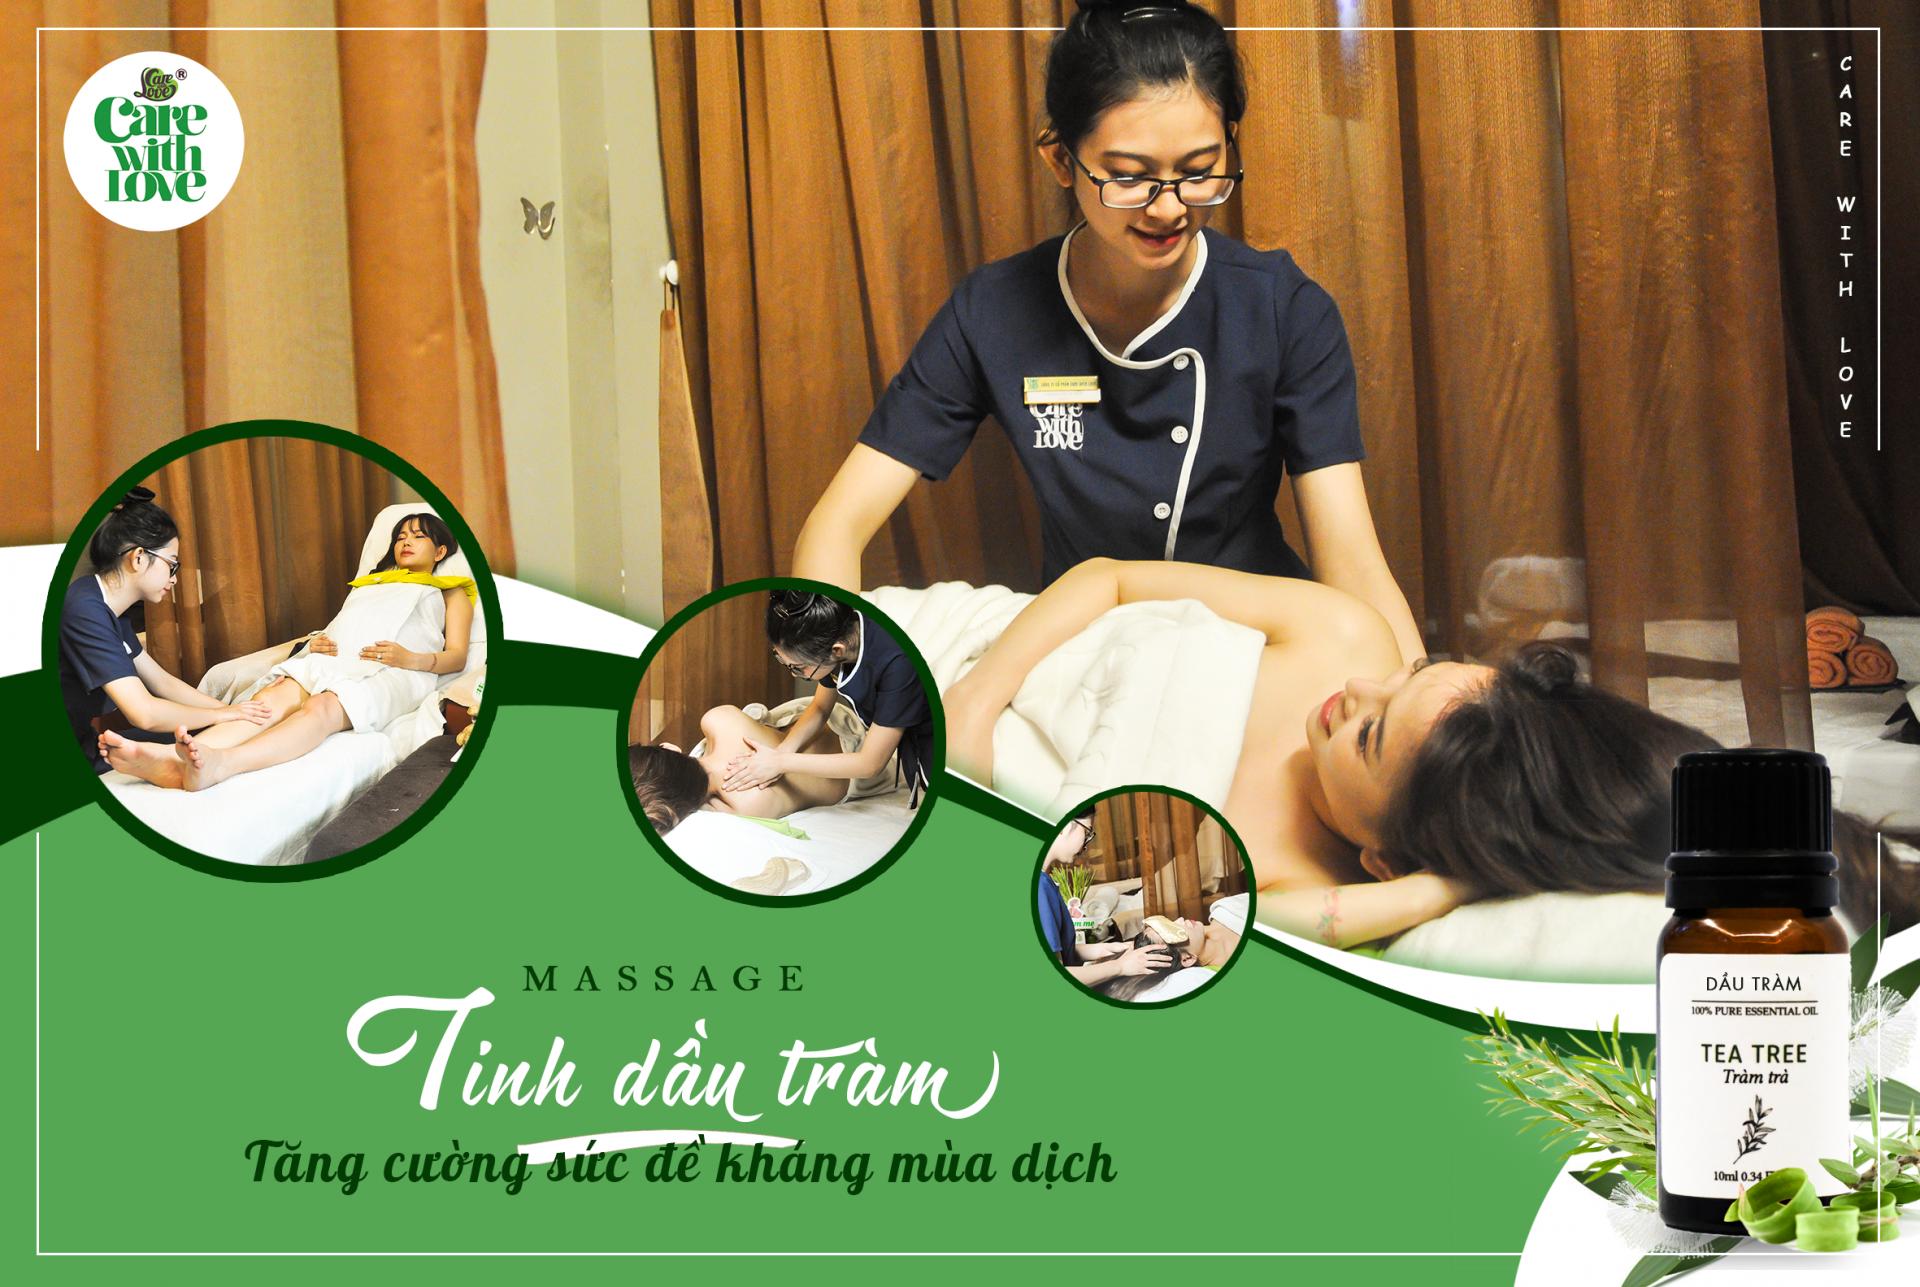 Liệu pháp massage chuyên sâu tinh dầu tràm – Tăng cường sức đề kháng mùa dịch!